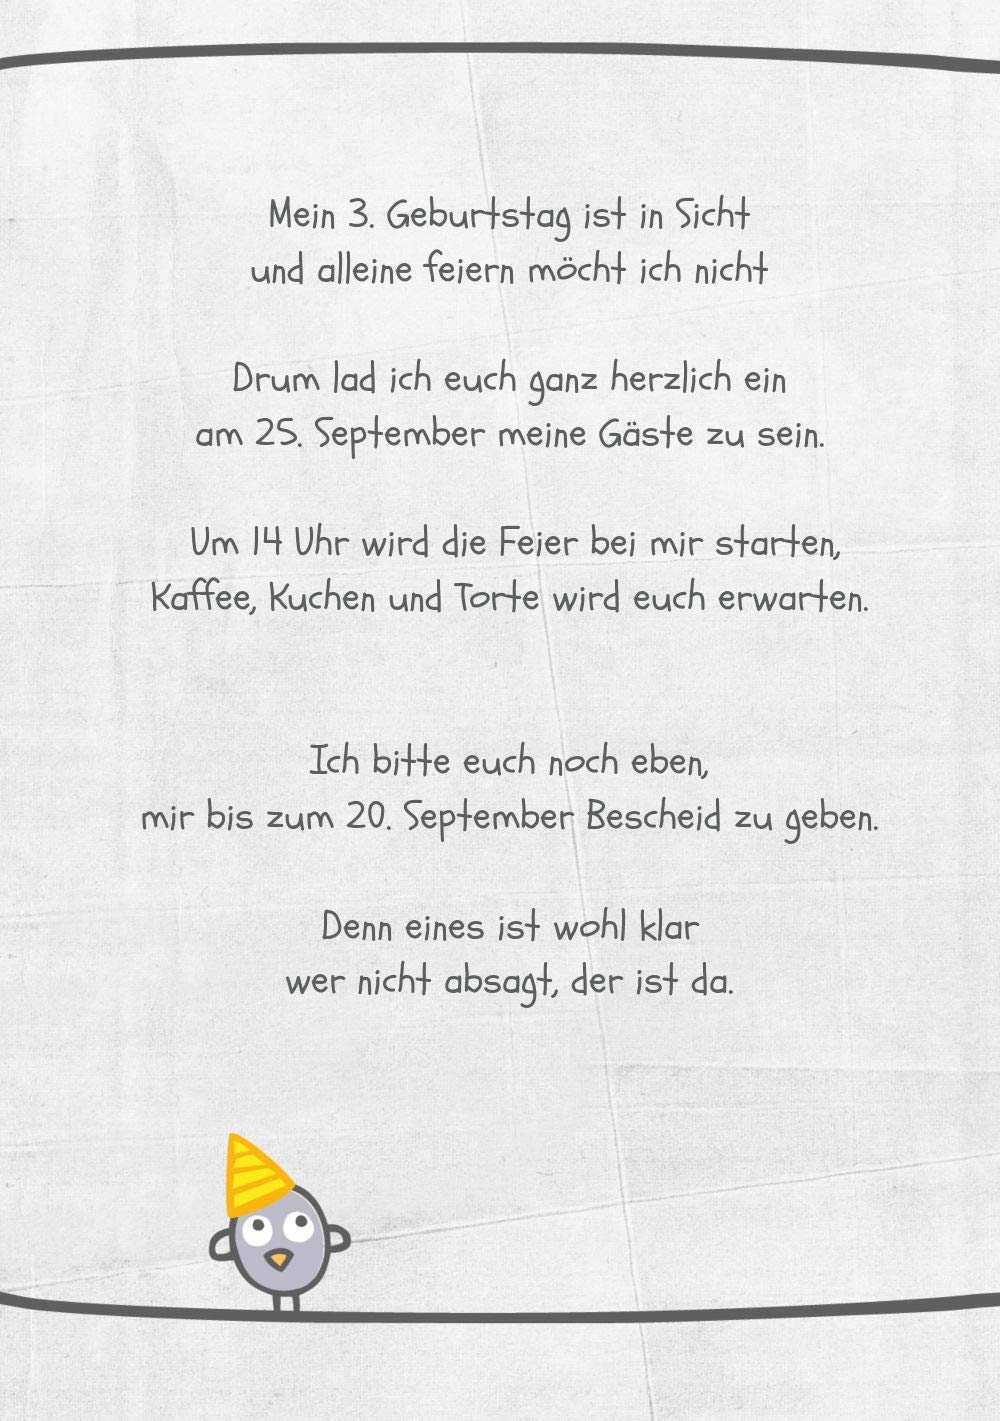 Einladung zum Geburtstag Vogelfest, 10 10 10 Karten, HellgrauLila B07L19KHDP   Verrückter Preis    Kunde zuerst    Deutschland München  9b5b7f